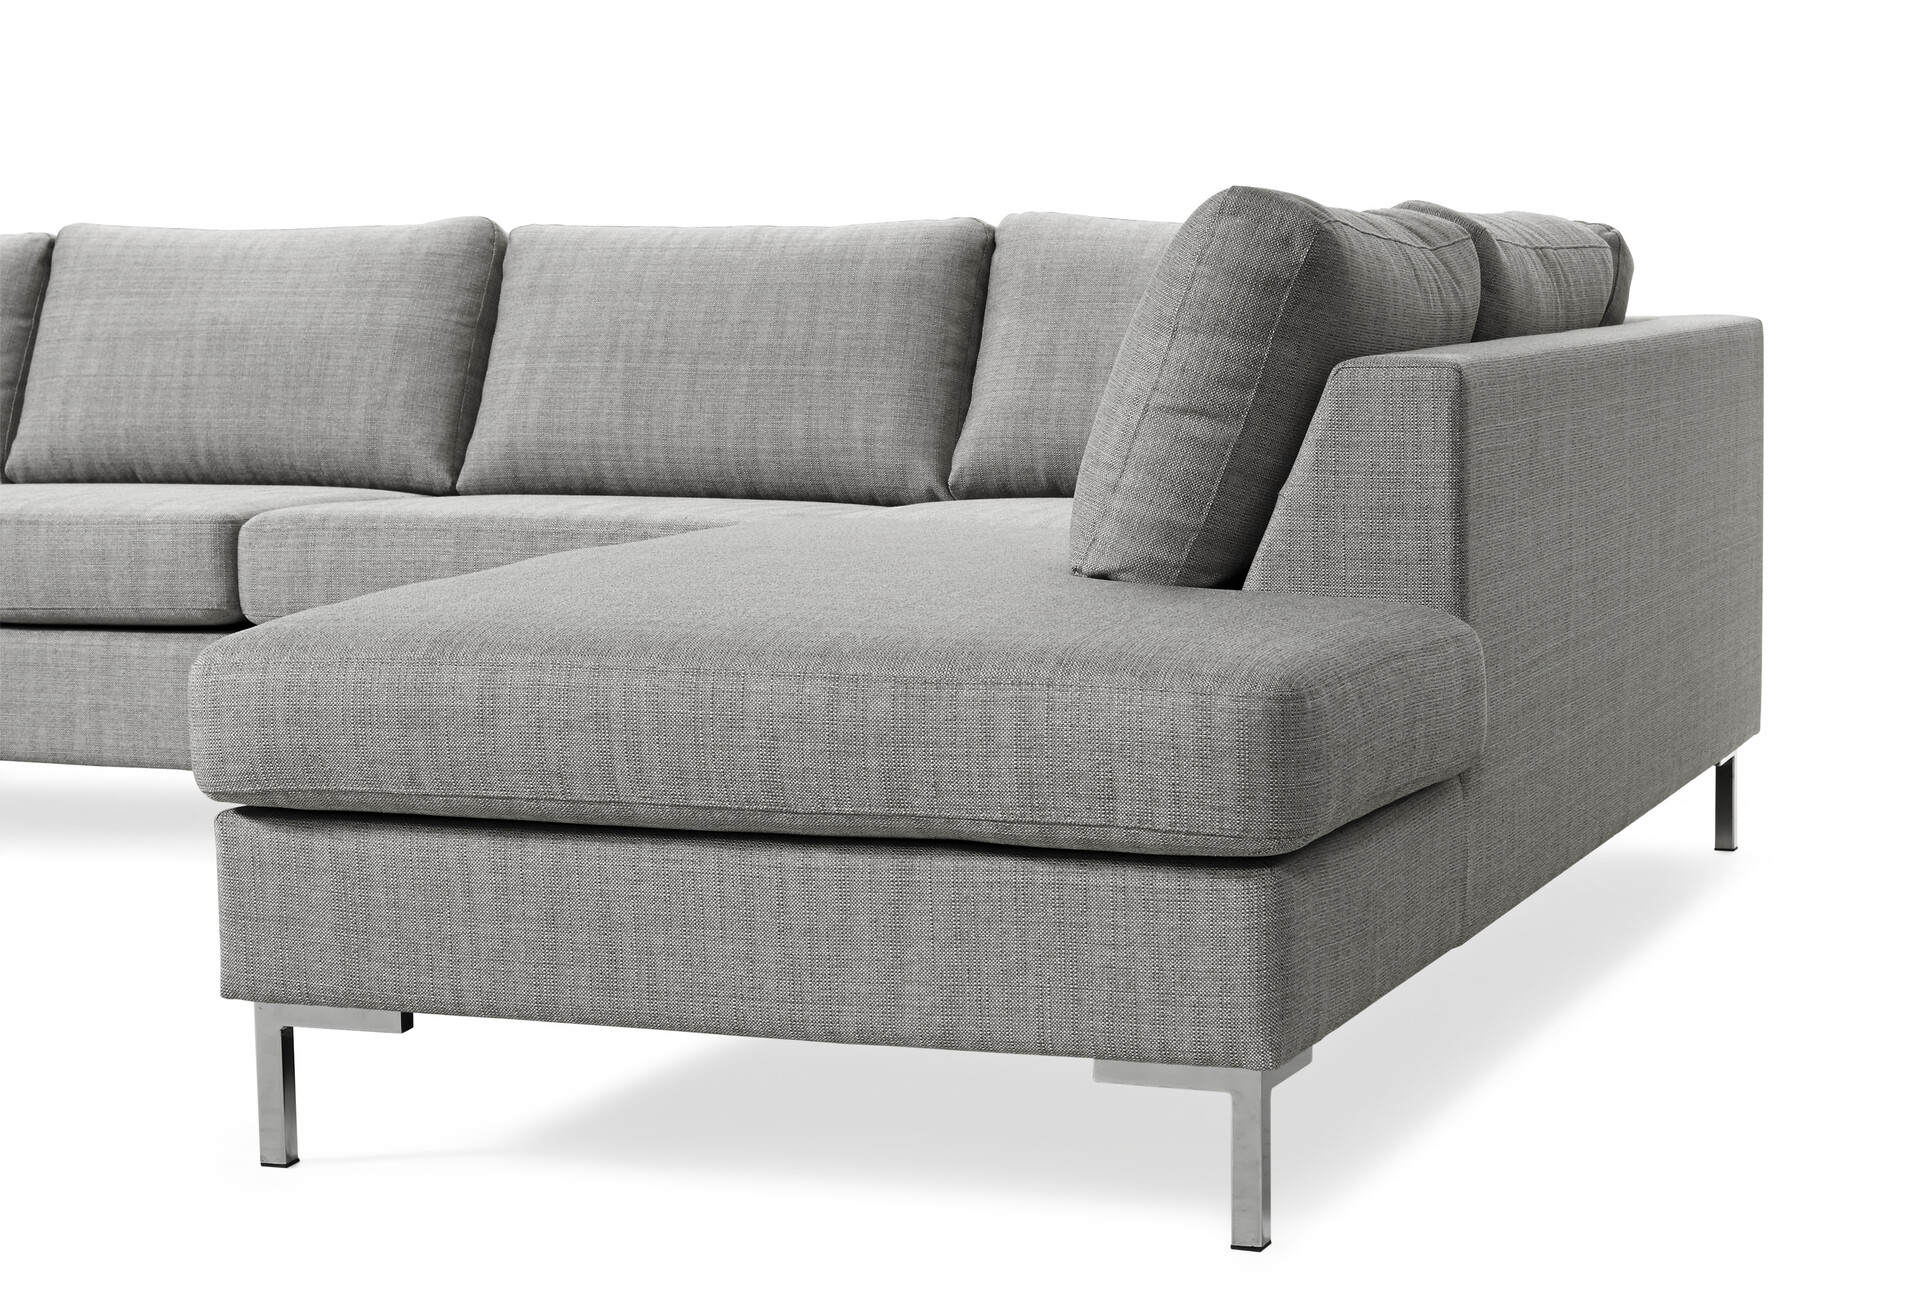 Välkända Toronto 3-sits soffa med schäslong vänster och divan höger | Soffa XK-12